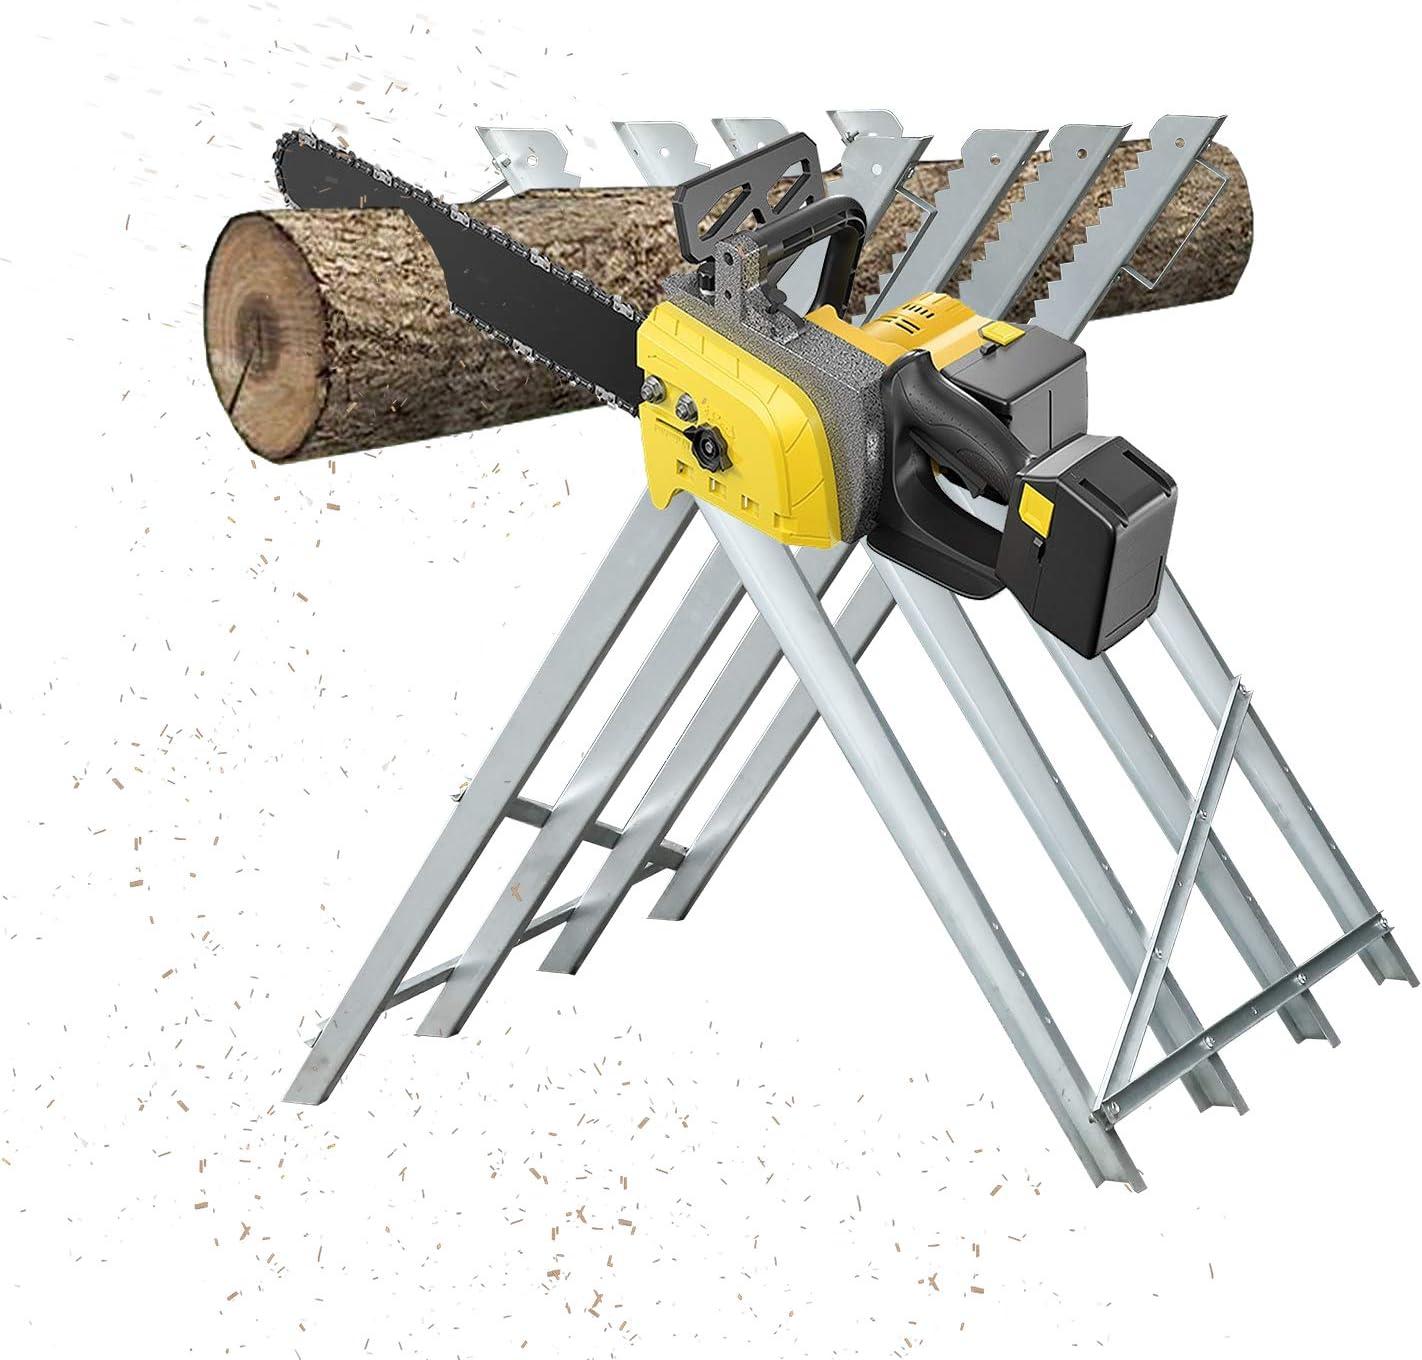 Hengda - Caballete para motosierra 150 kg de perfiles de metal galvanizado, travesaños adicionales, dientes evitan torsión de la madera, 4 alturas de trabajo